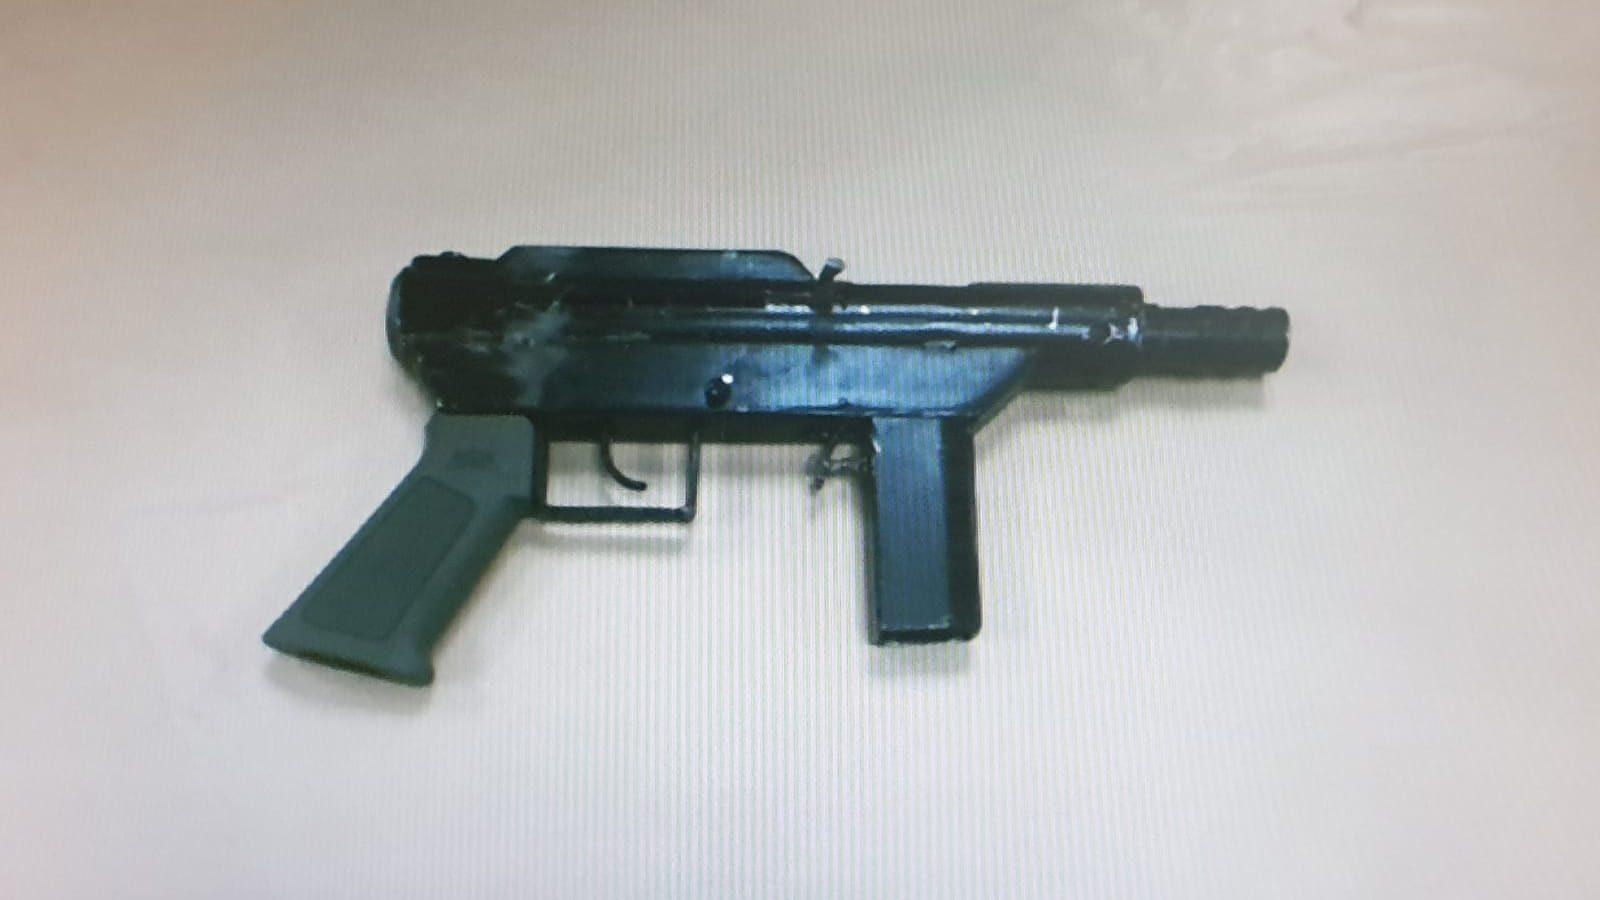 הפשיעה בחברה הערבית: נשק נתפס בבאקה אל גרביה